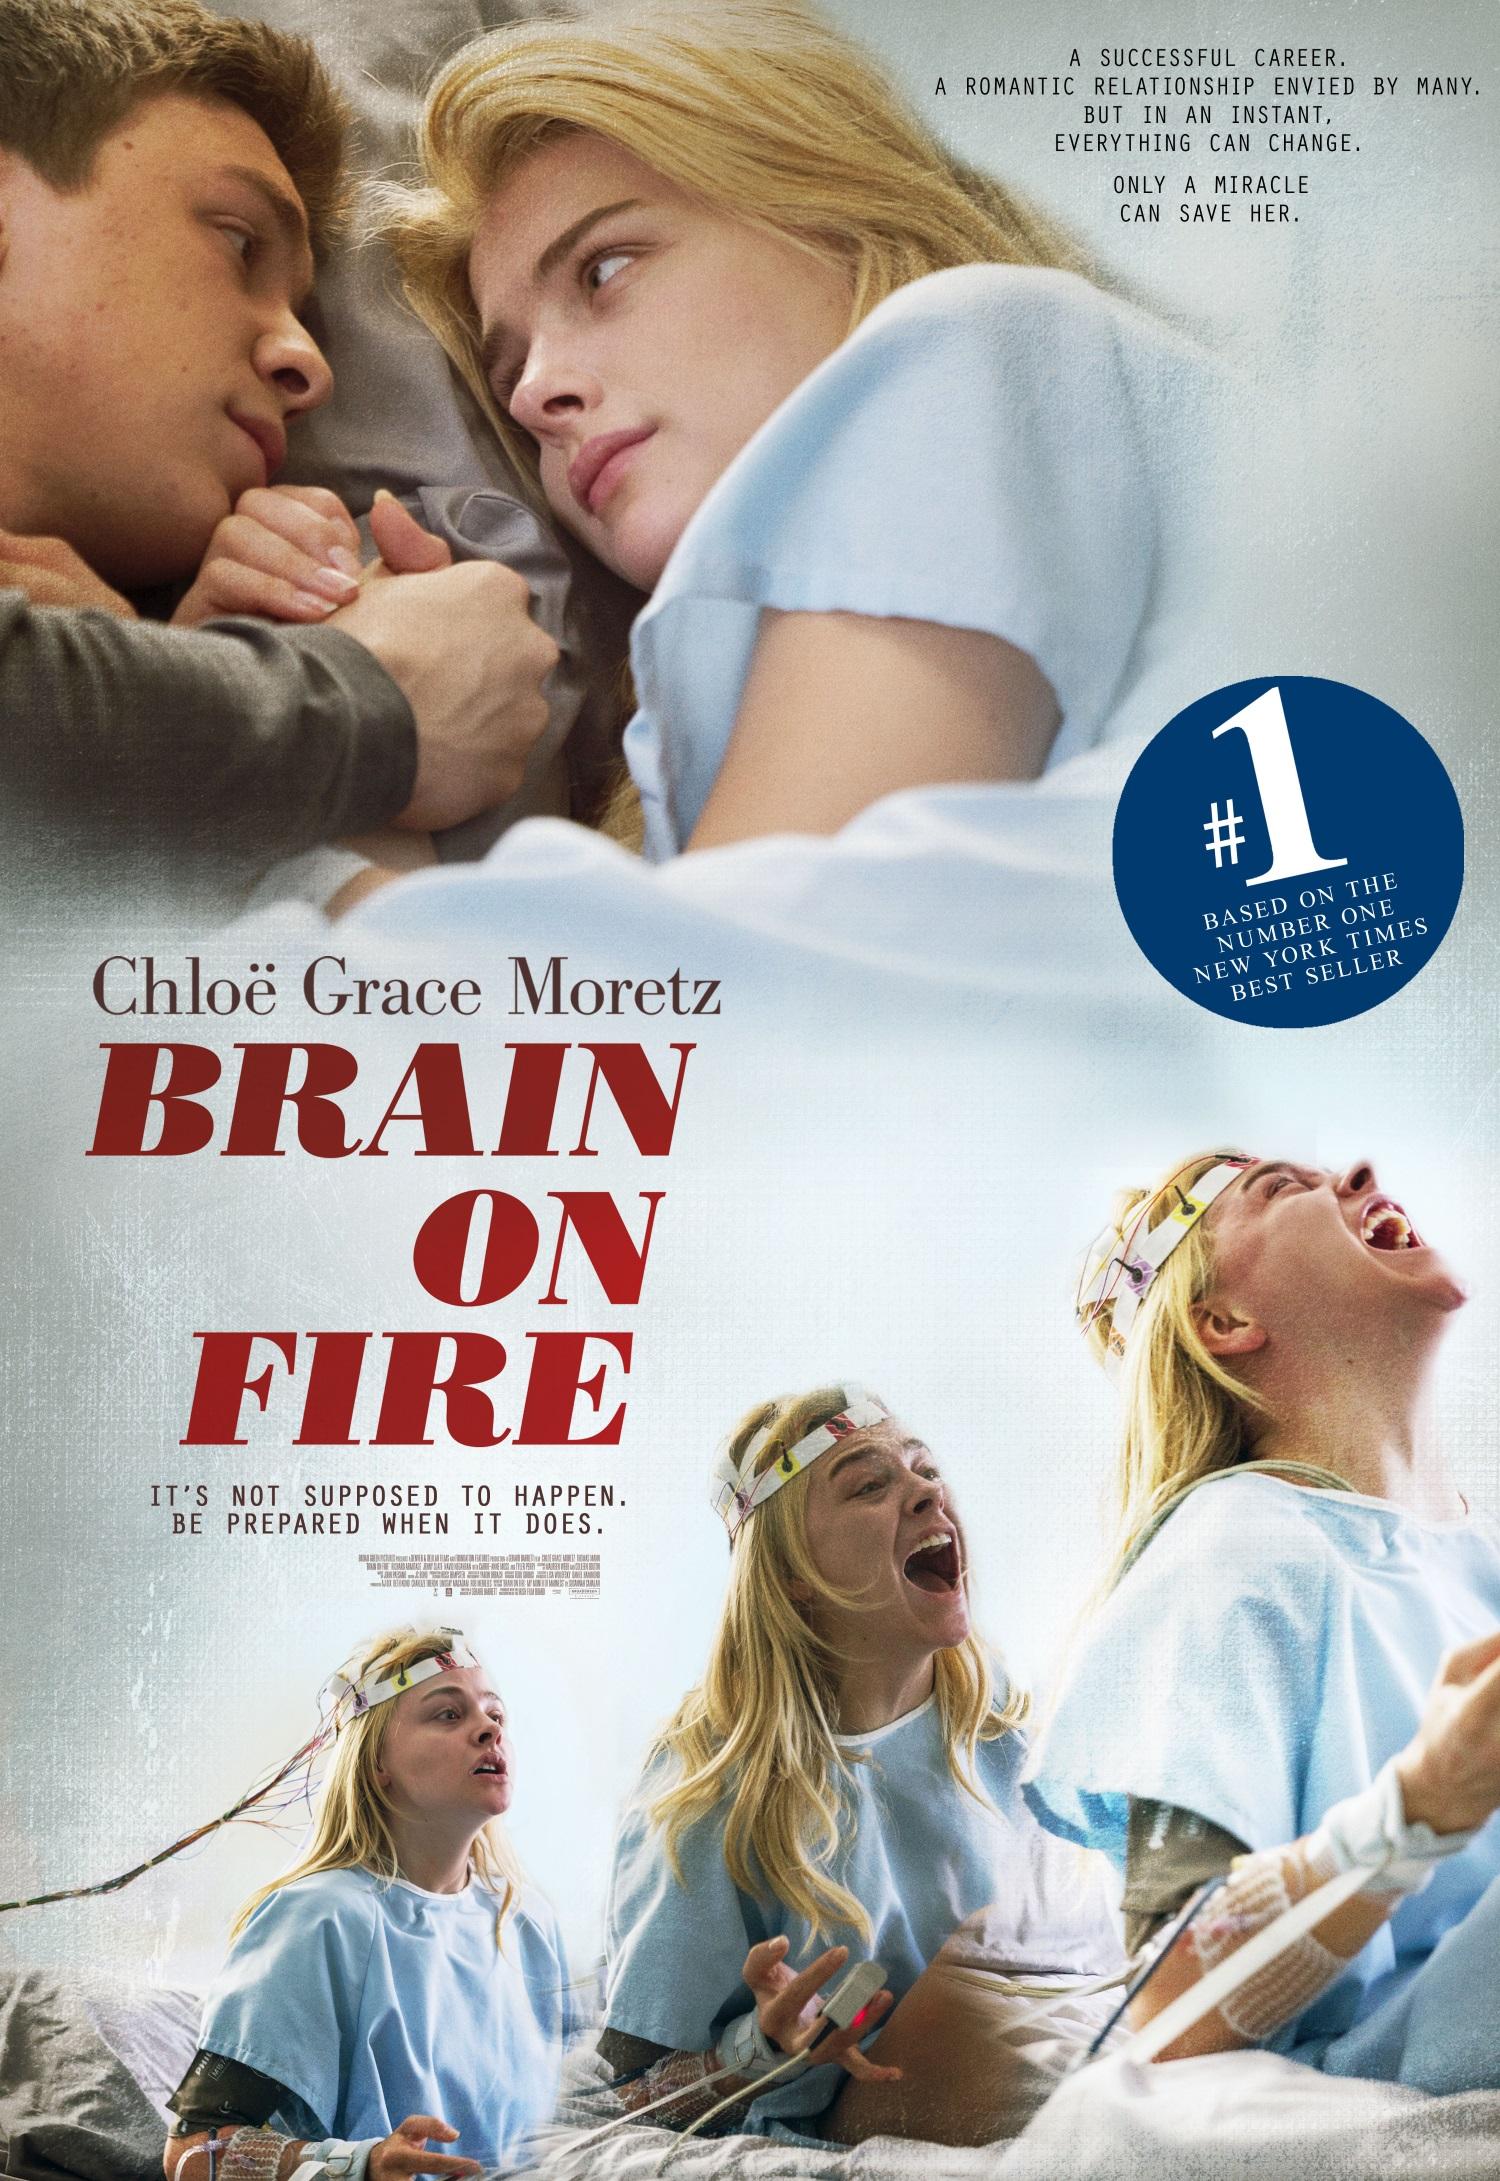 brain on fire teaser trailer